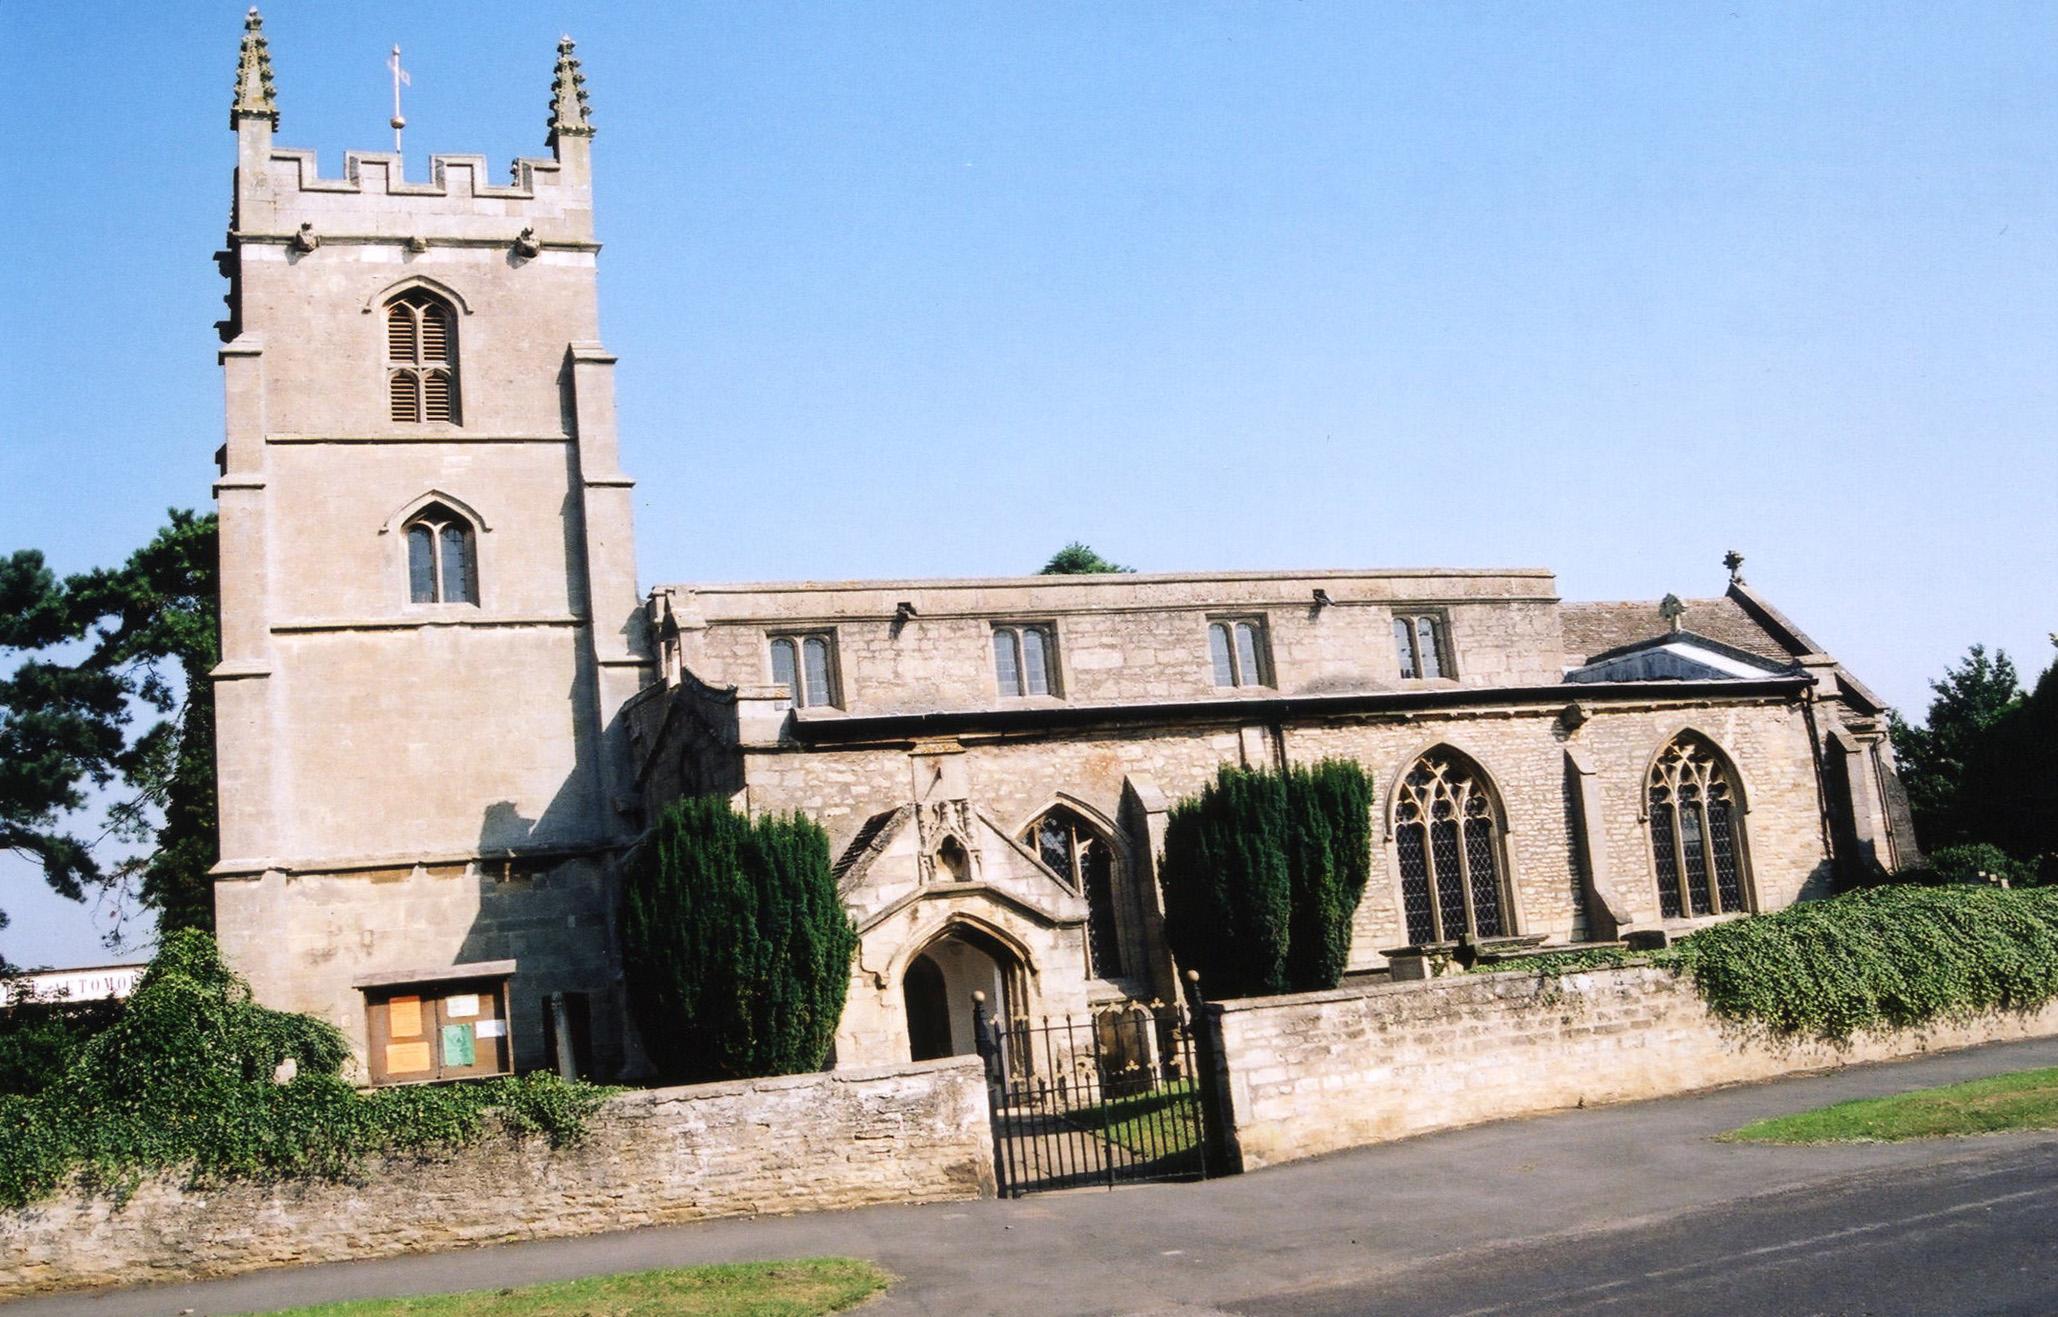 Baston St. John church